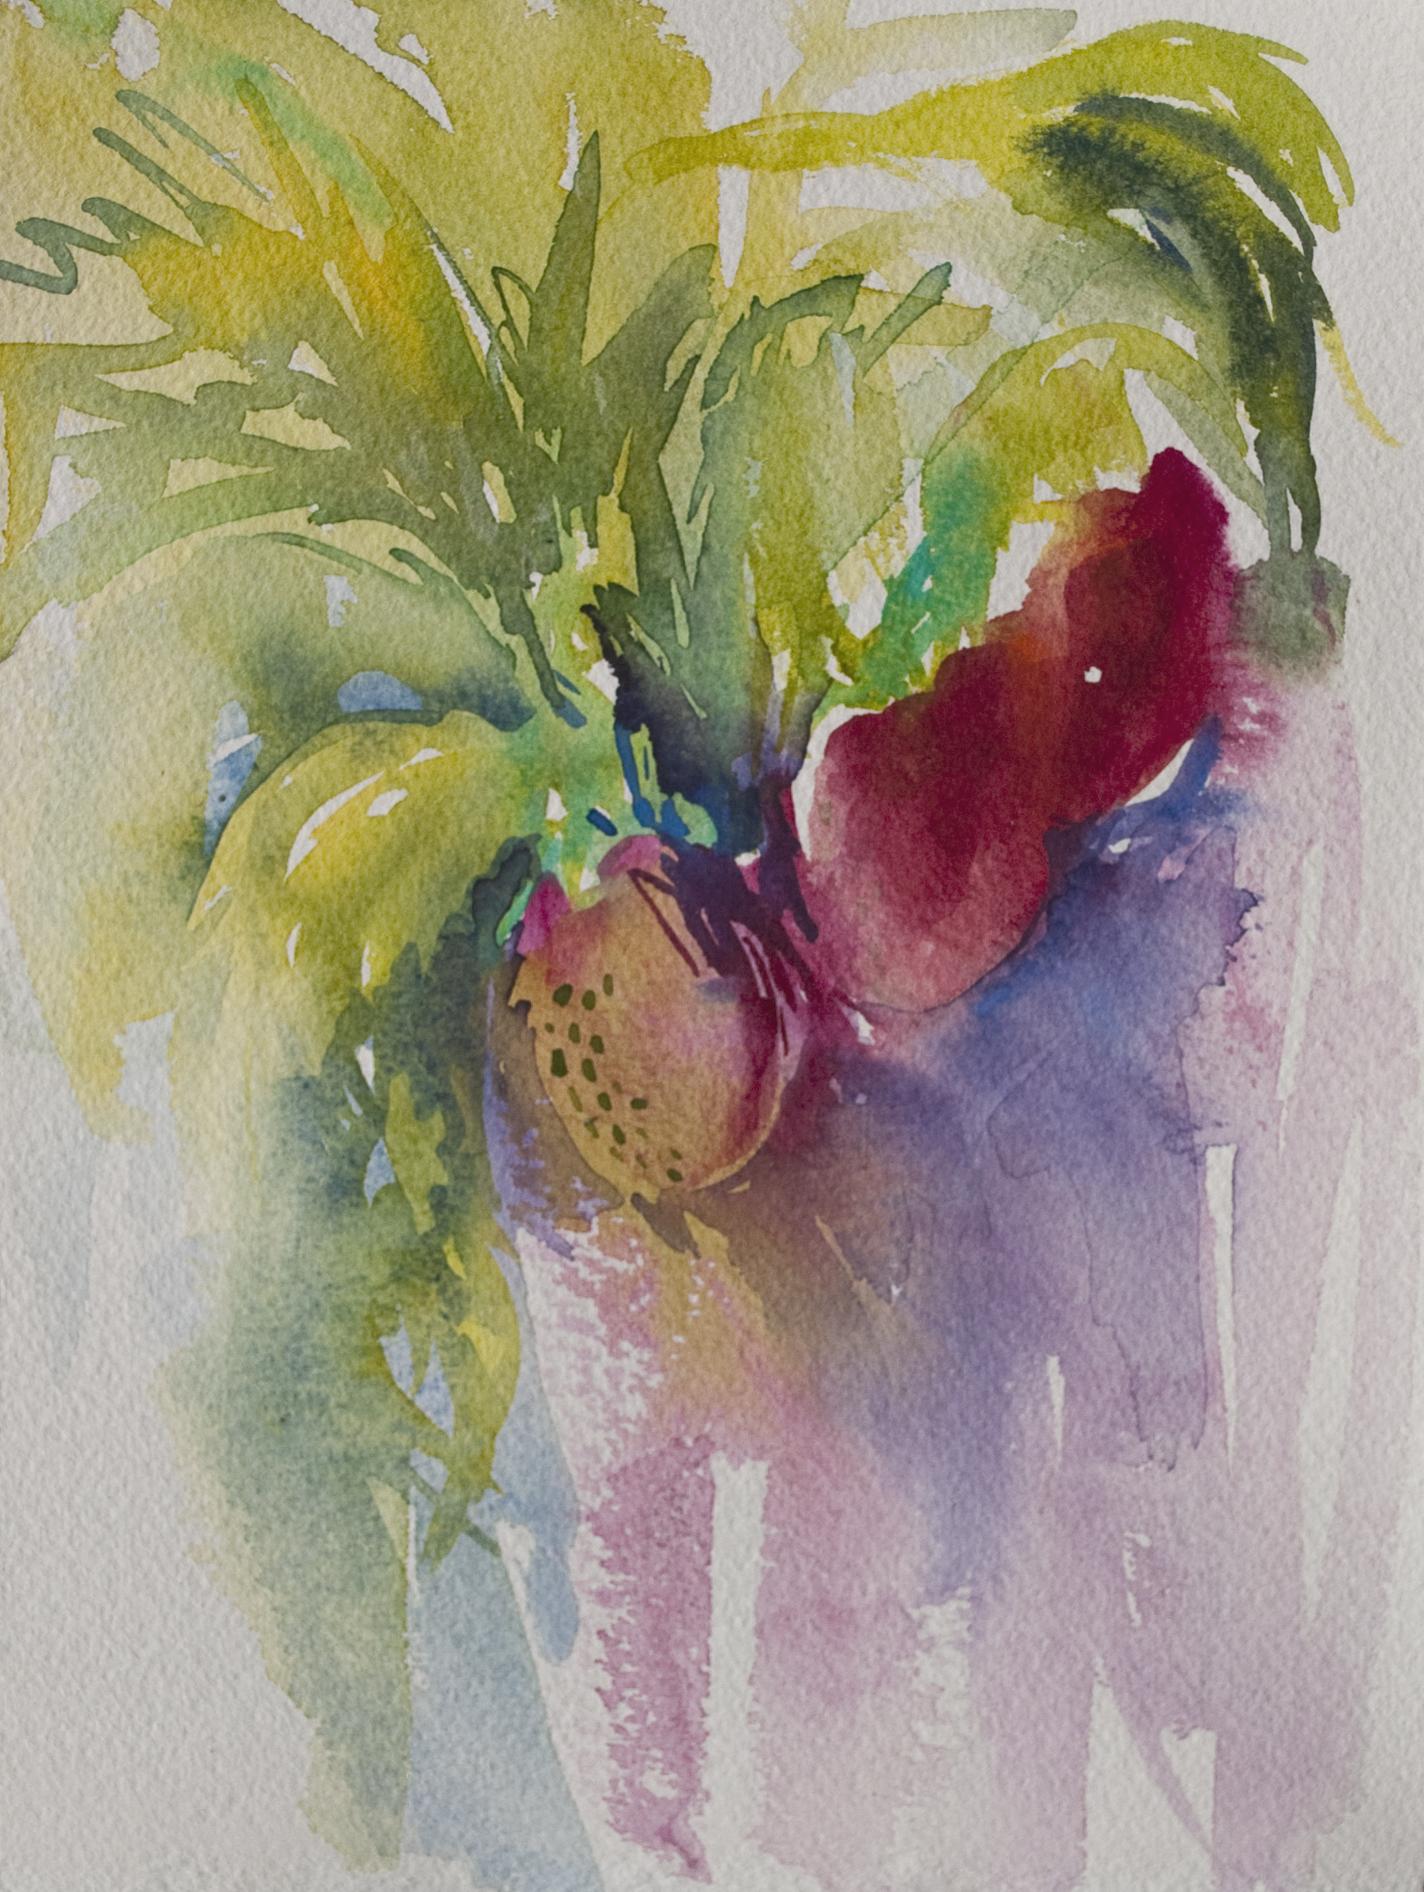 strawberry-sketch.jpg